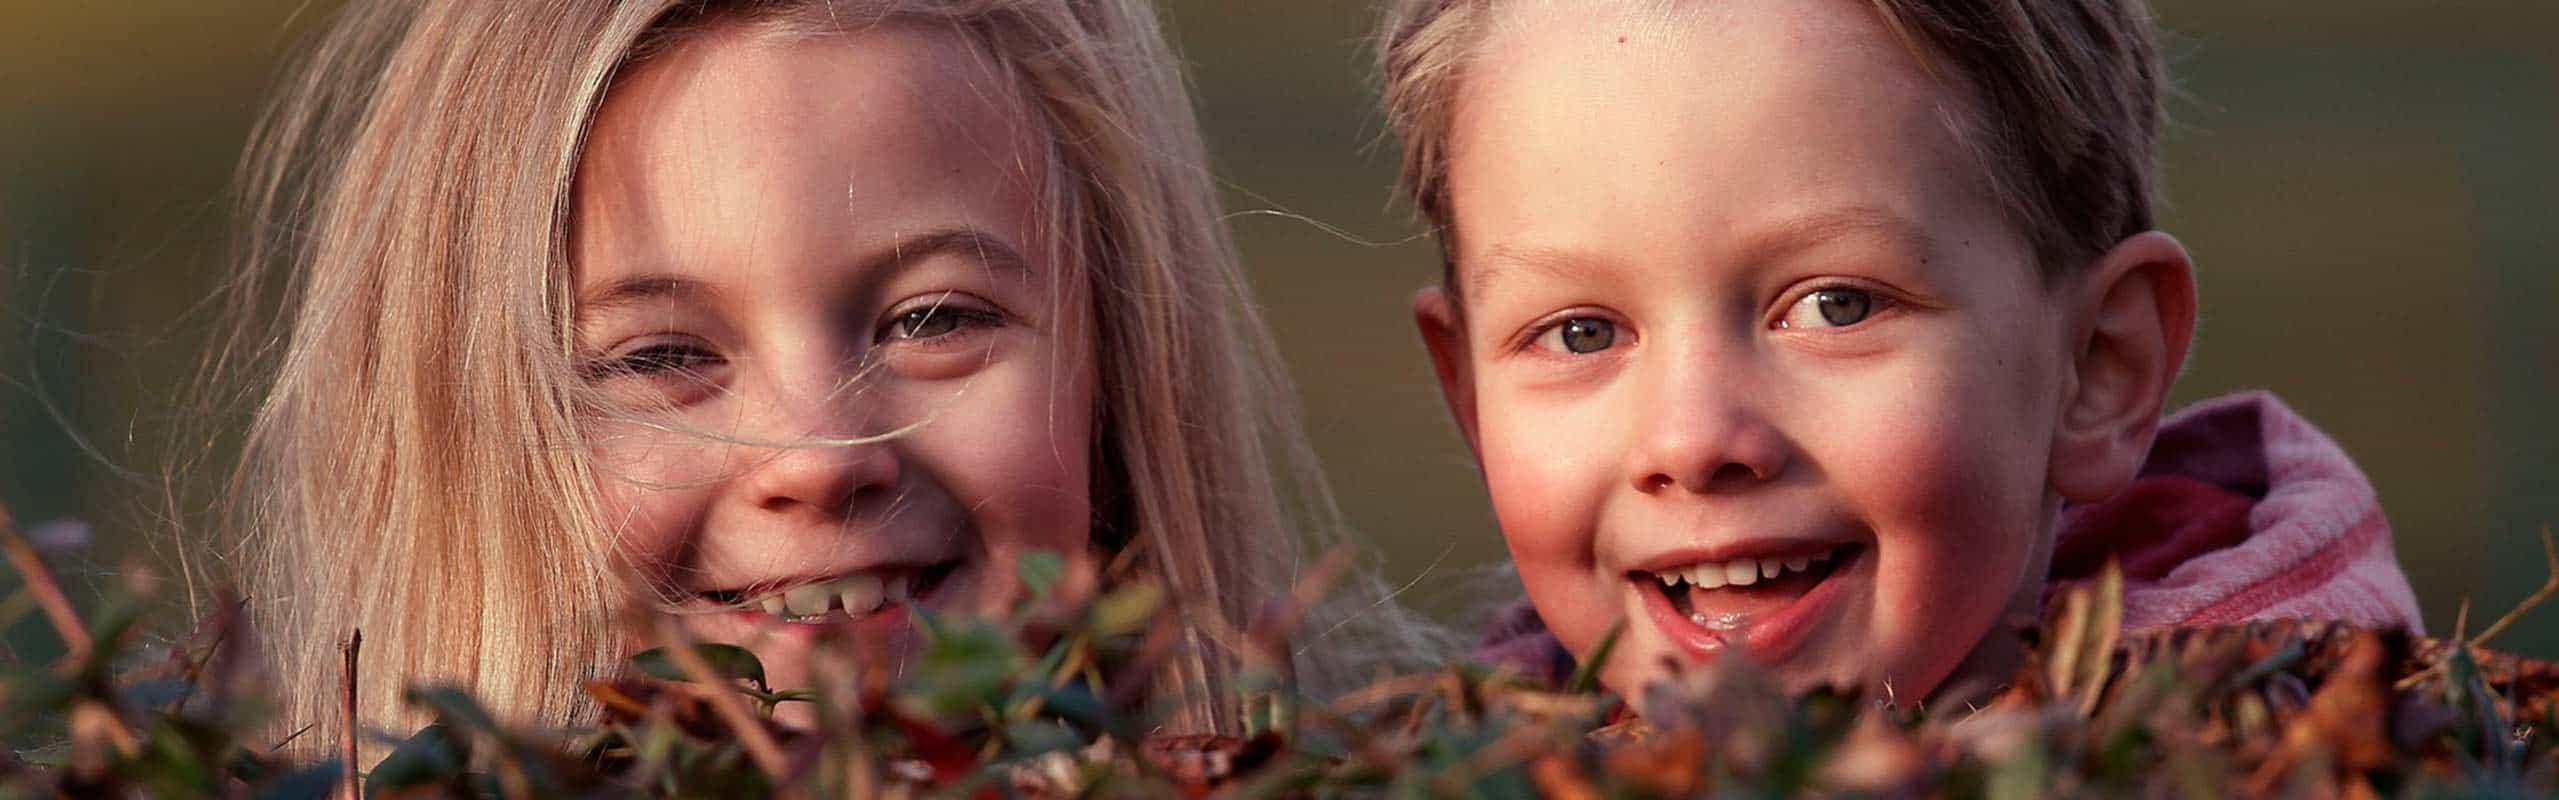 Descubre como la autoestima influye en el desarrollo infantil